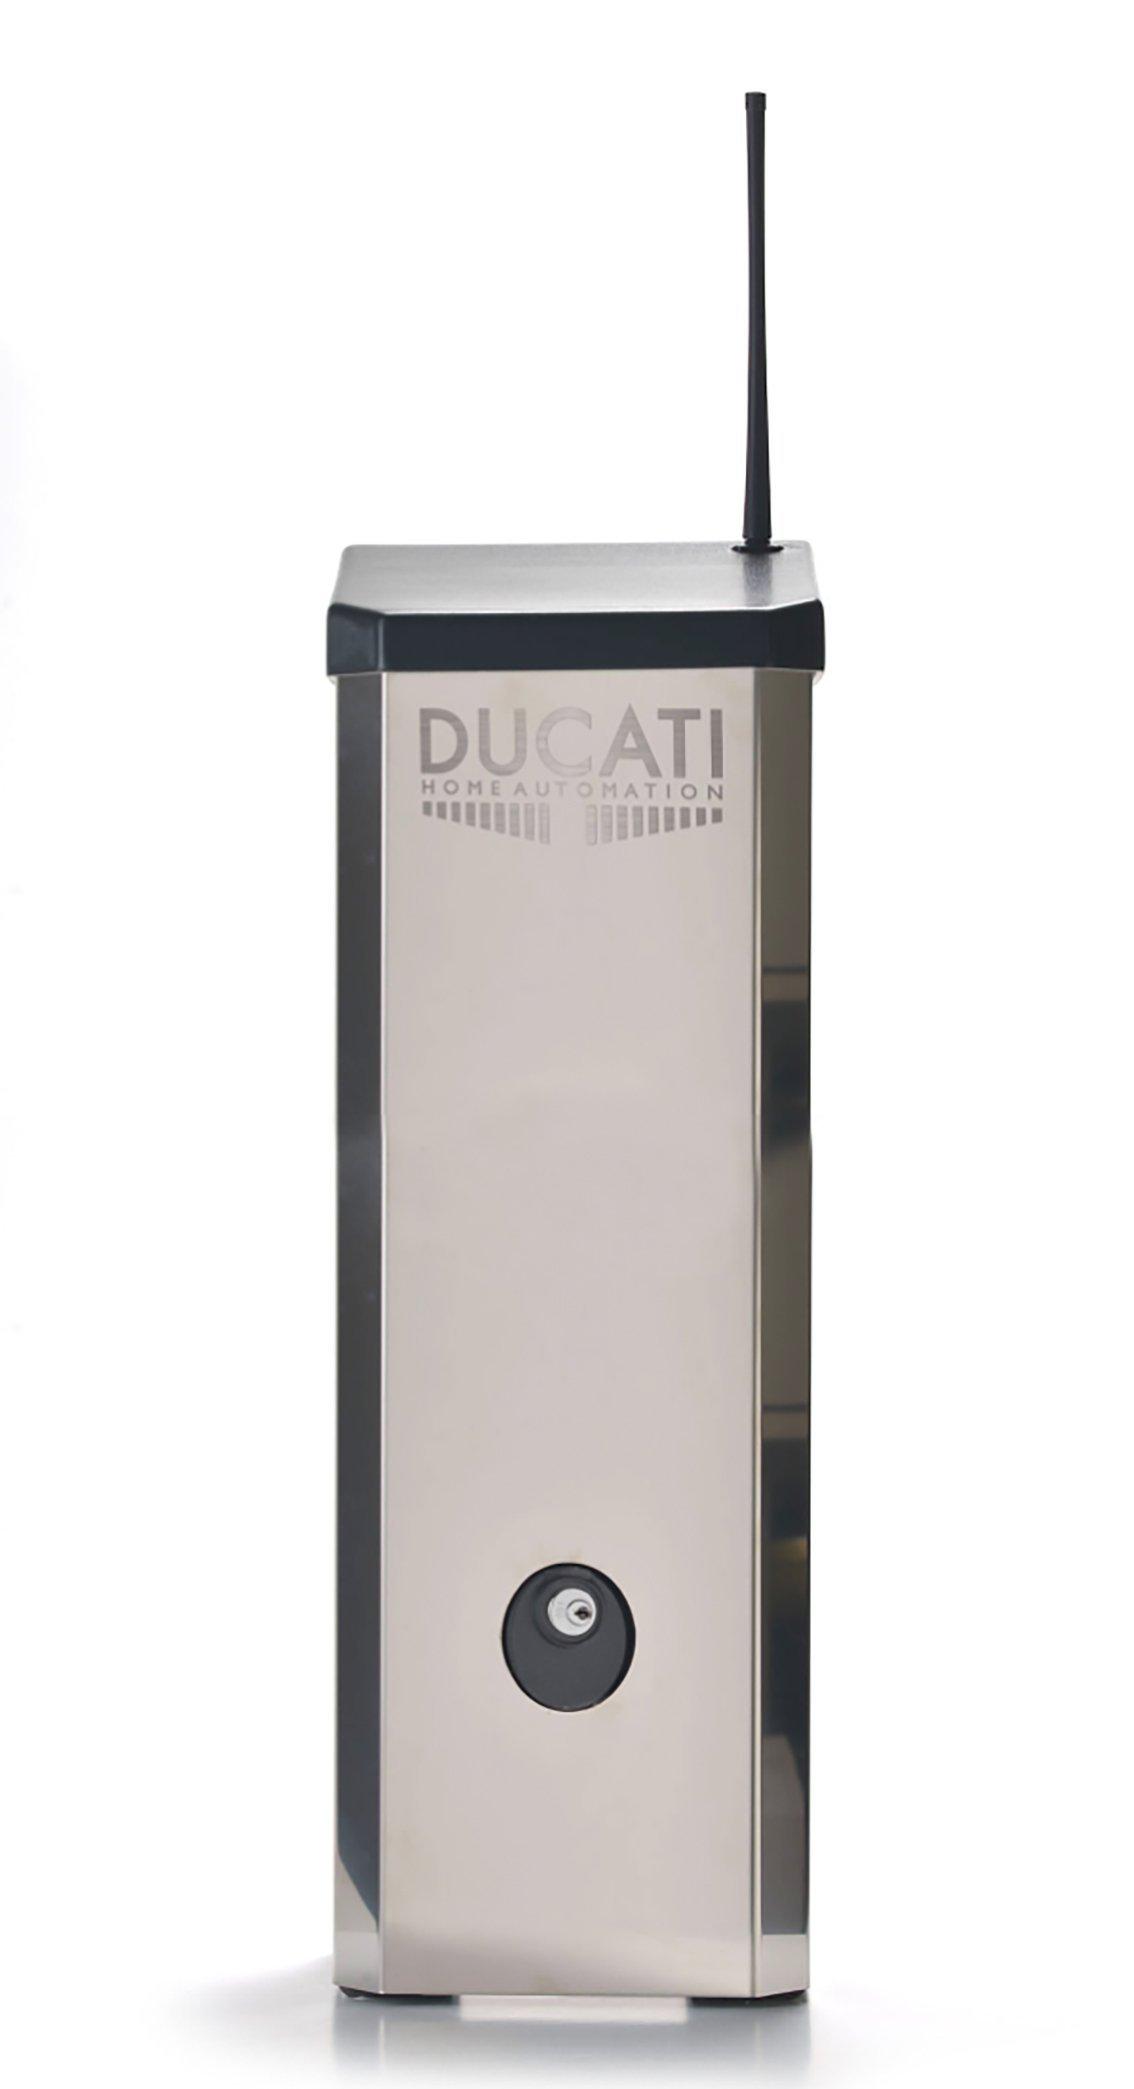 Tower 1000TWA Kit Automation Ducati - Puertas correderas para el hogar (hasta 1000 kg): Amazon.es: Bricolaje y herramientas